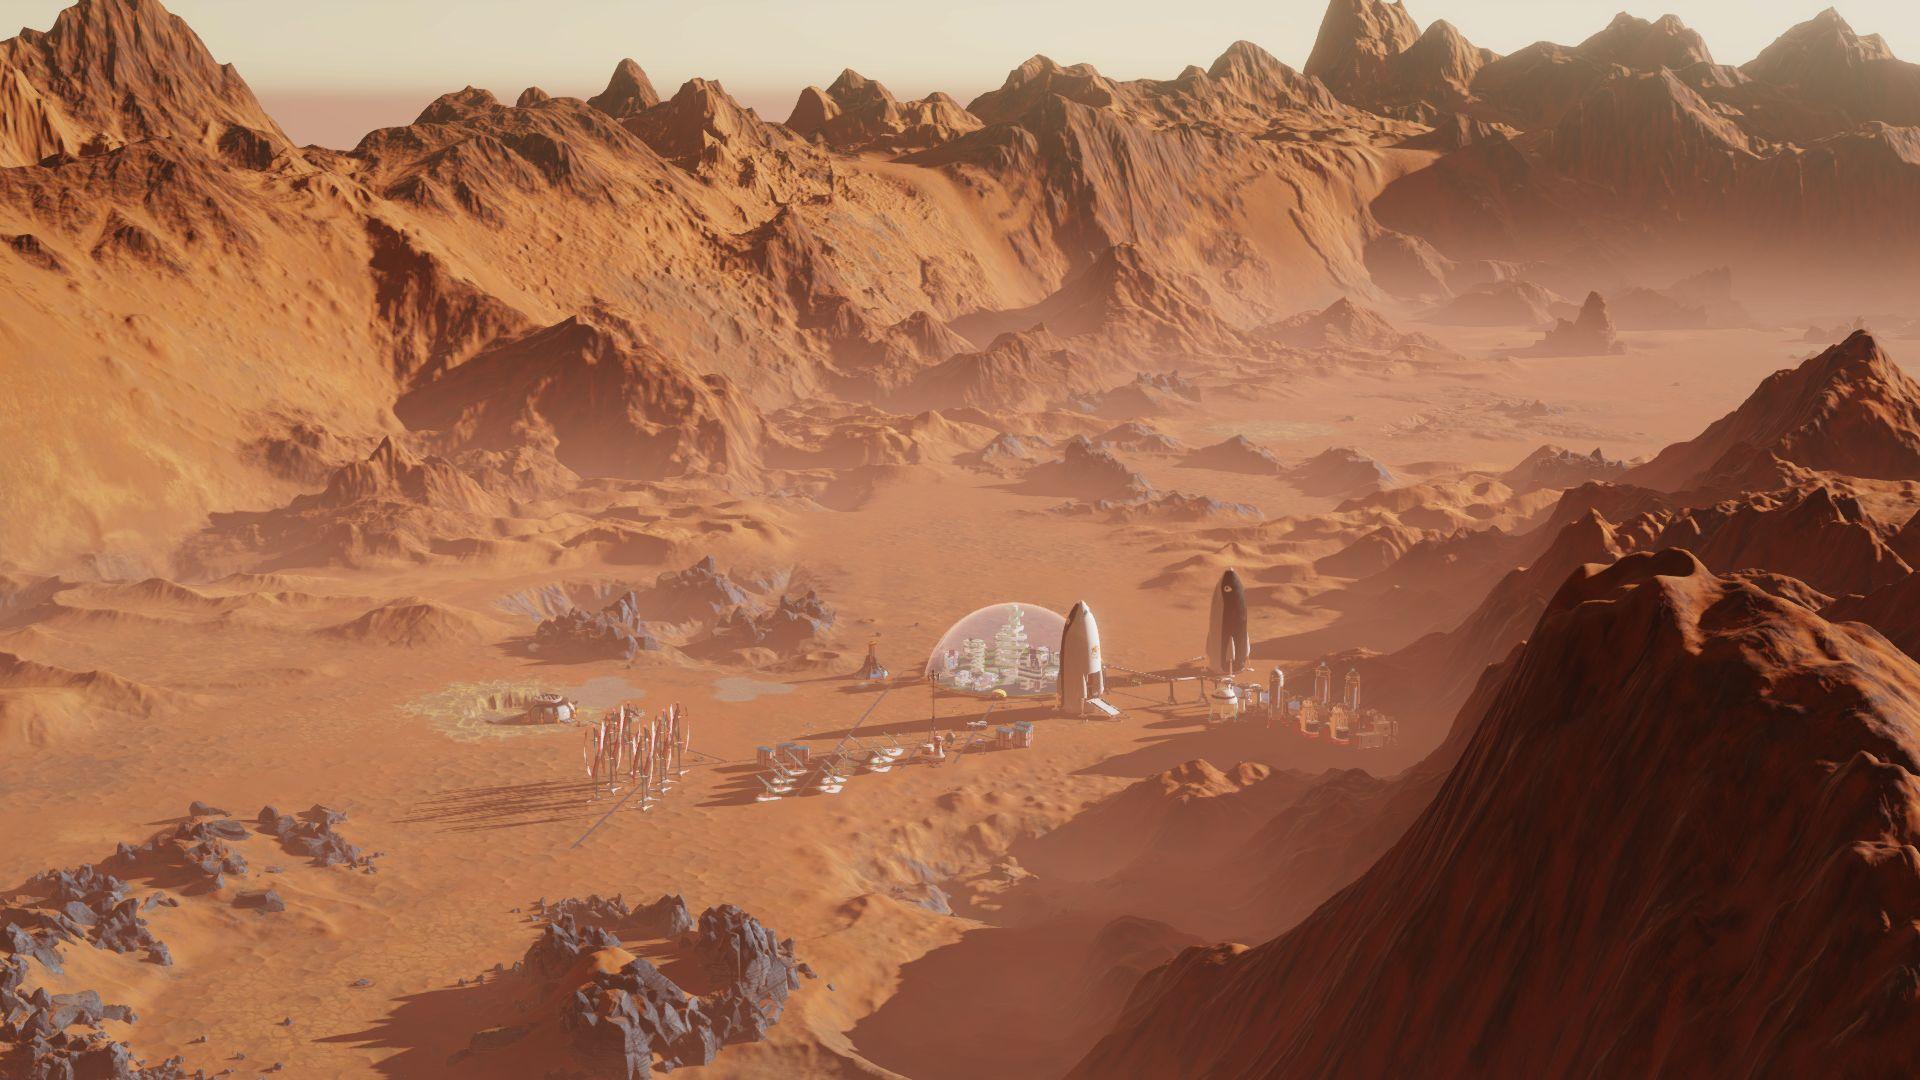 اکانت اریجینال استیم بازی Surviving Mars - Deluxe Edition | با ایمیل اکات